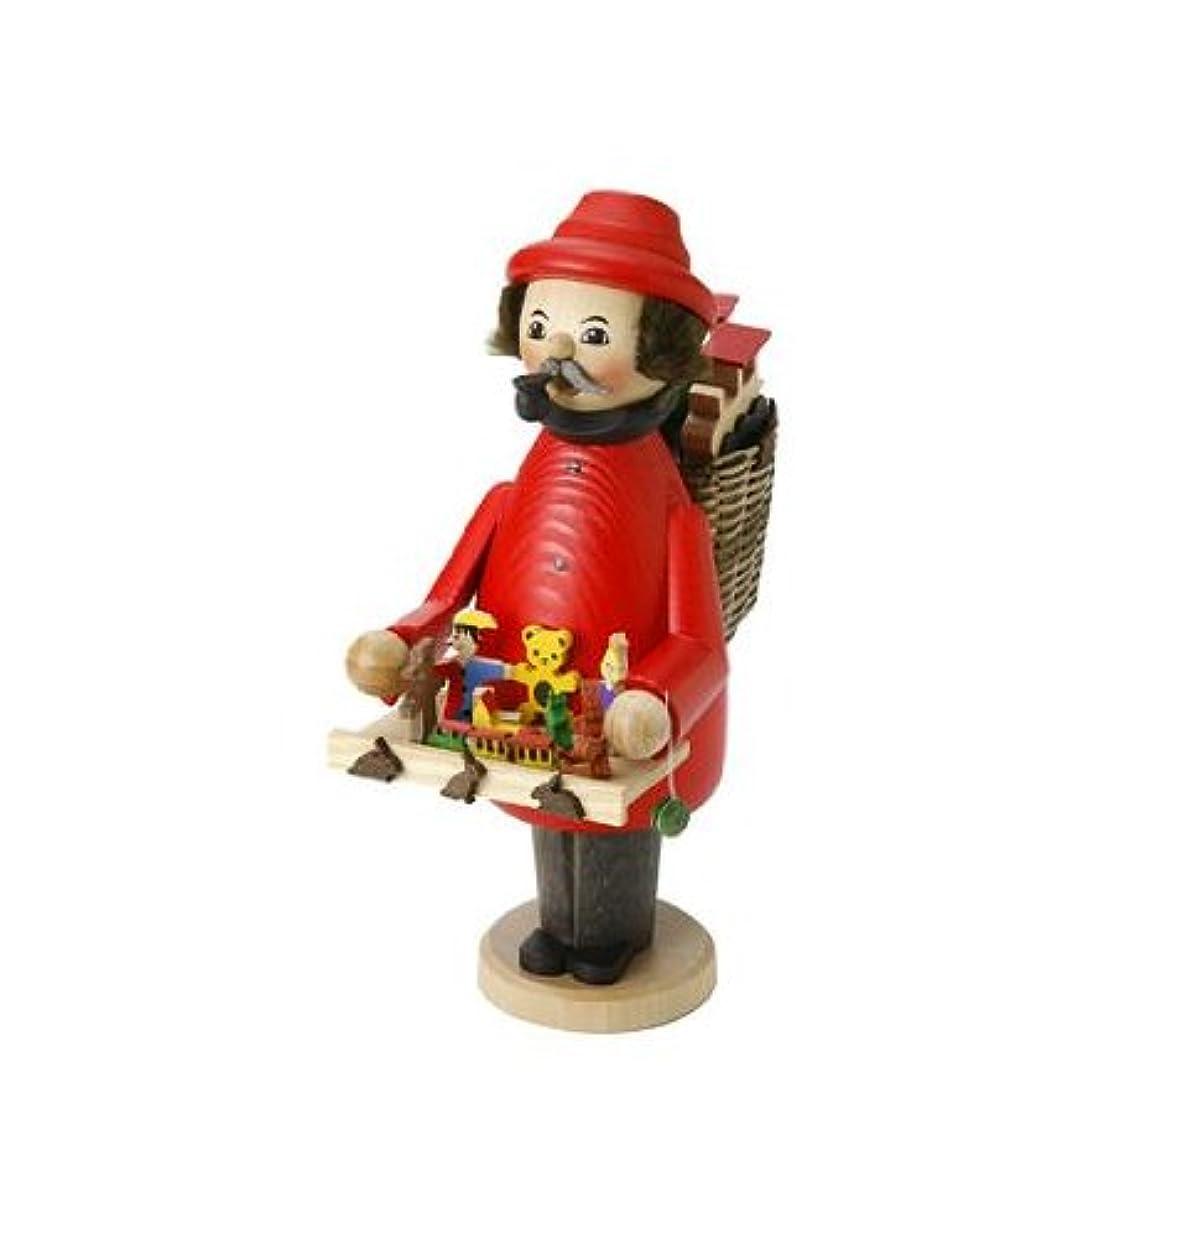 肘掛け椅子防止見通しミニパイプ人形香炉 おもちゃ売り